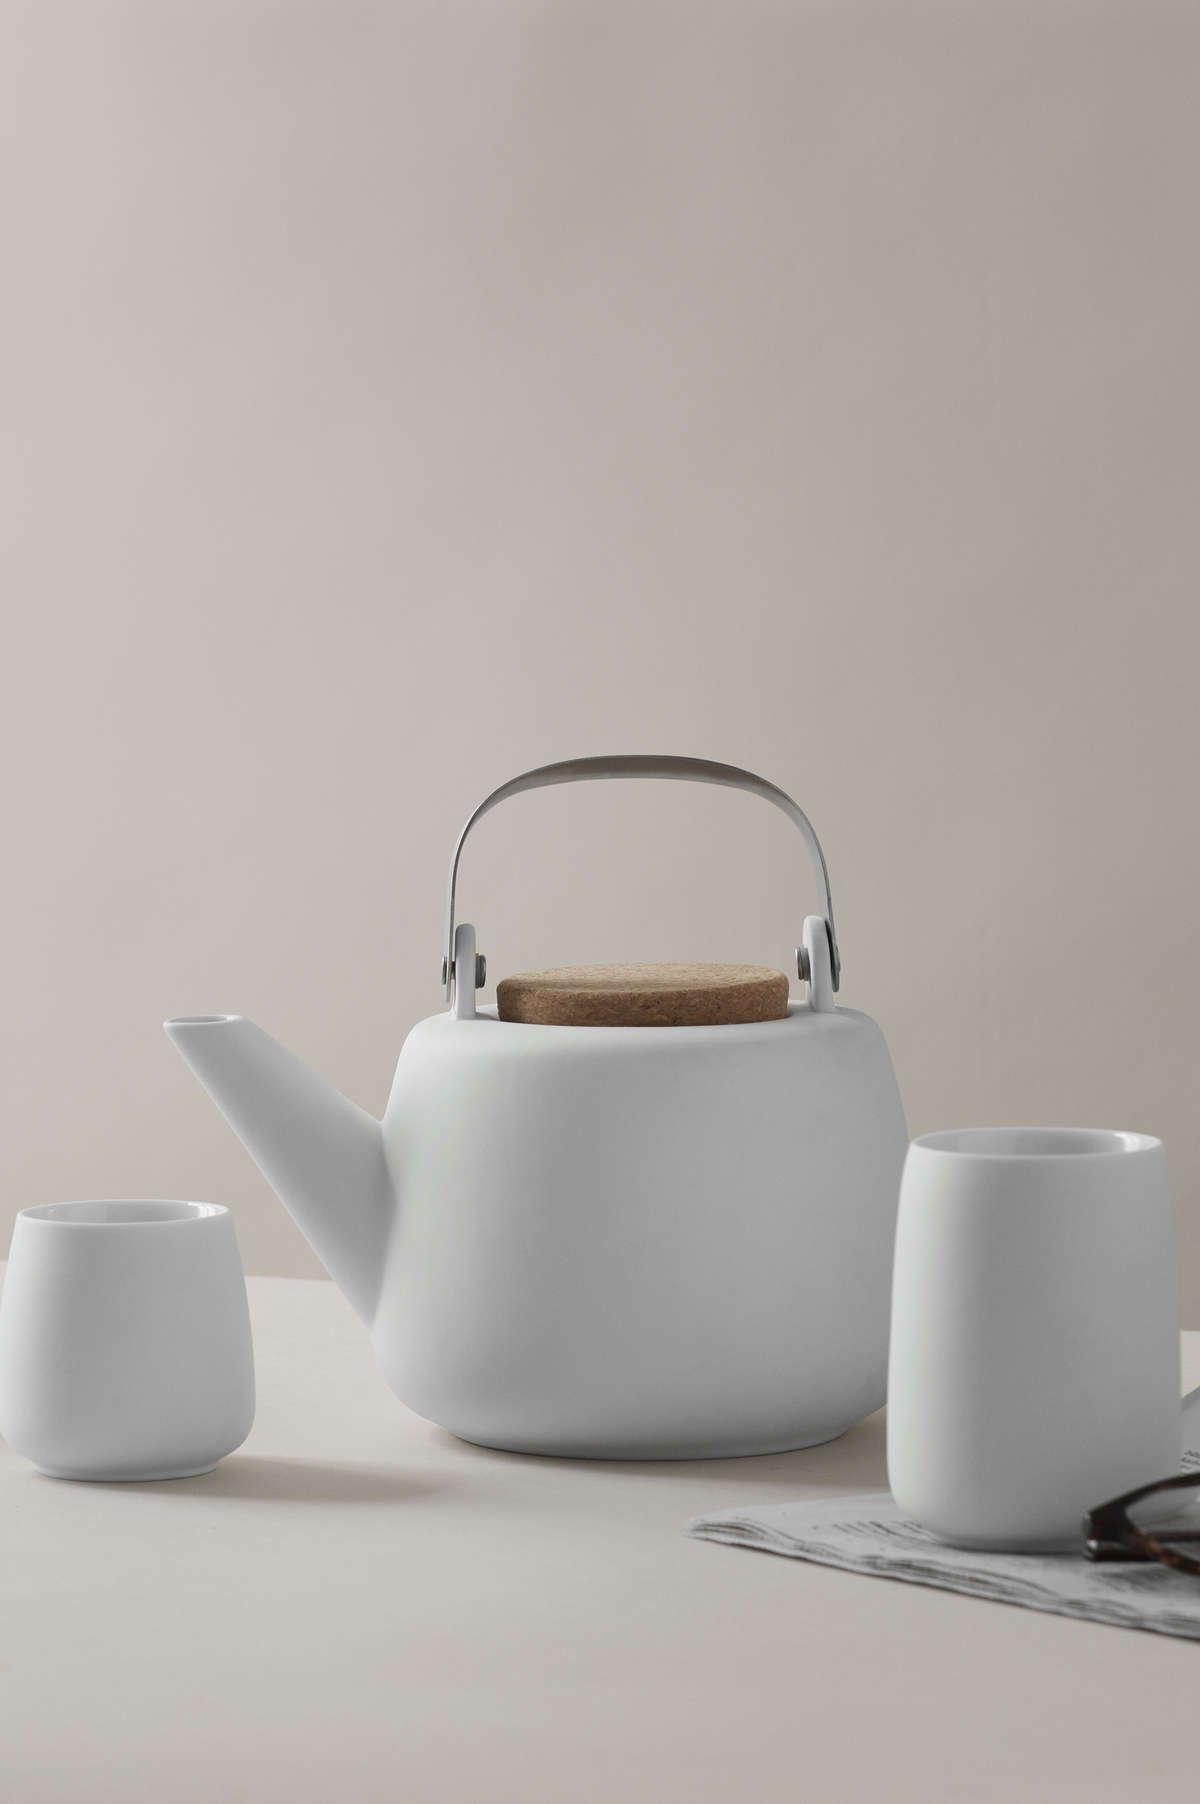 Porzellan Teekanne mit praktischem Teesieb